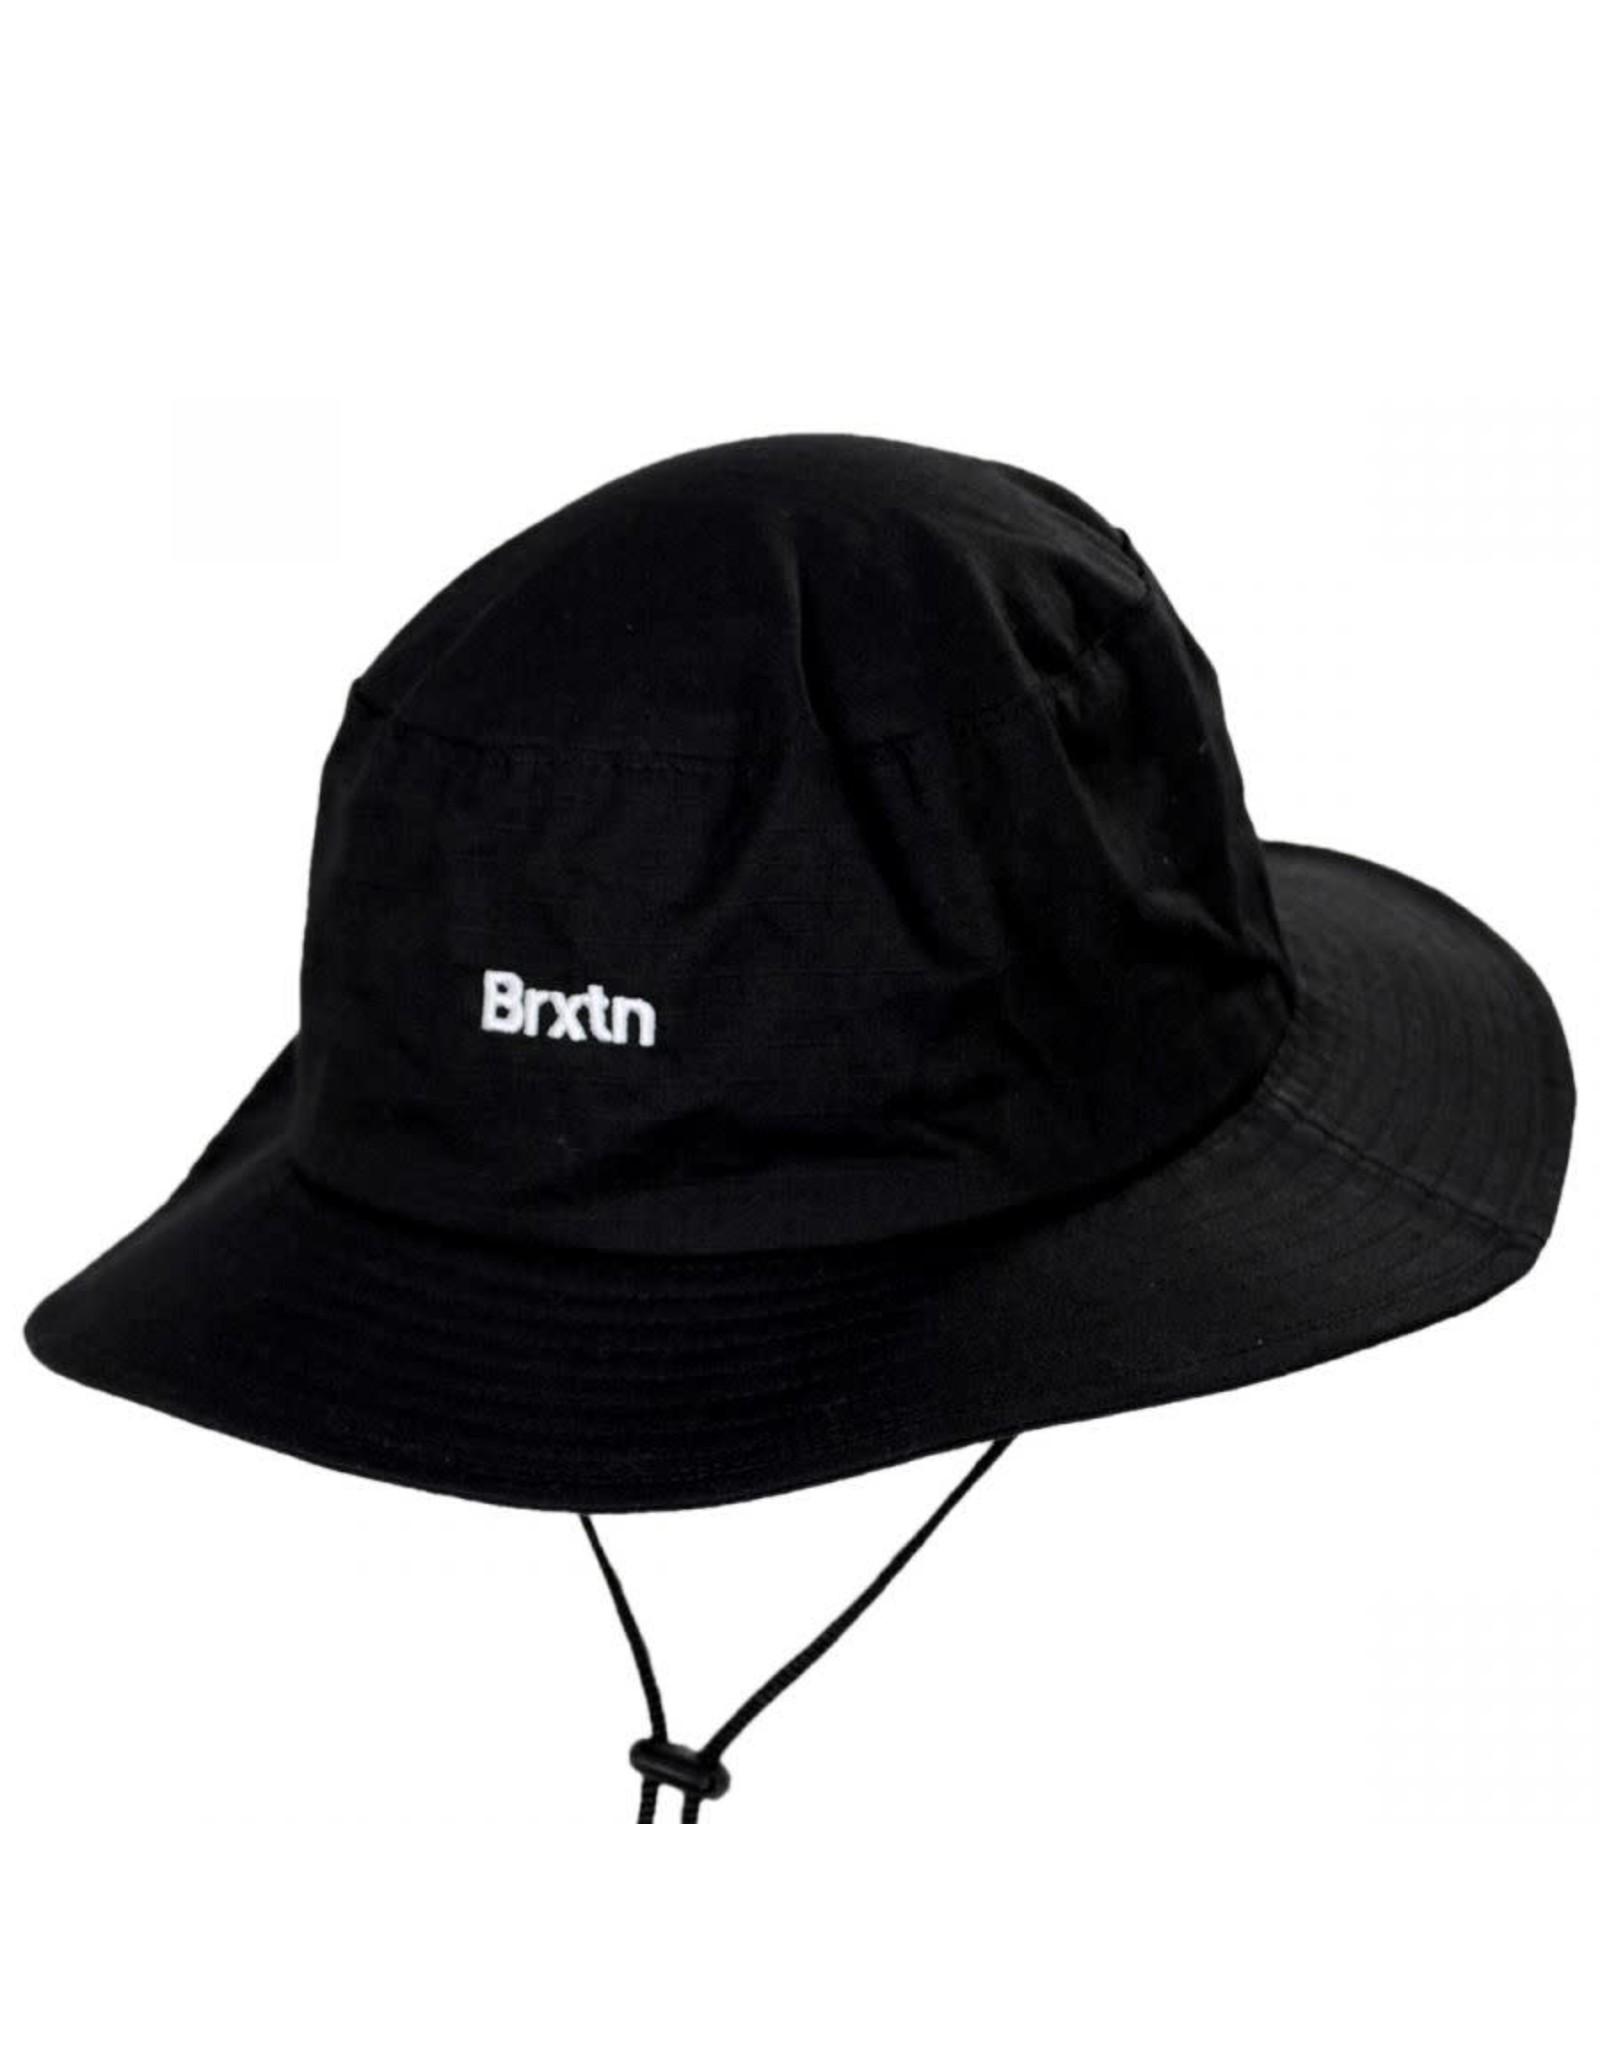 Brixton Gate Bucket hat